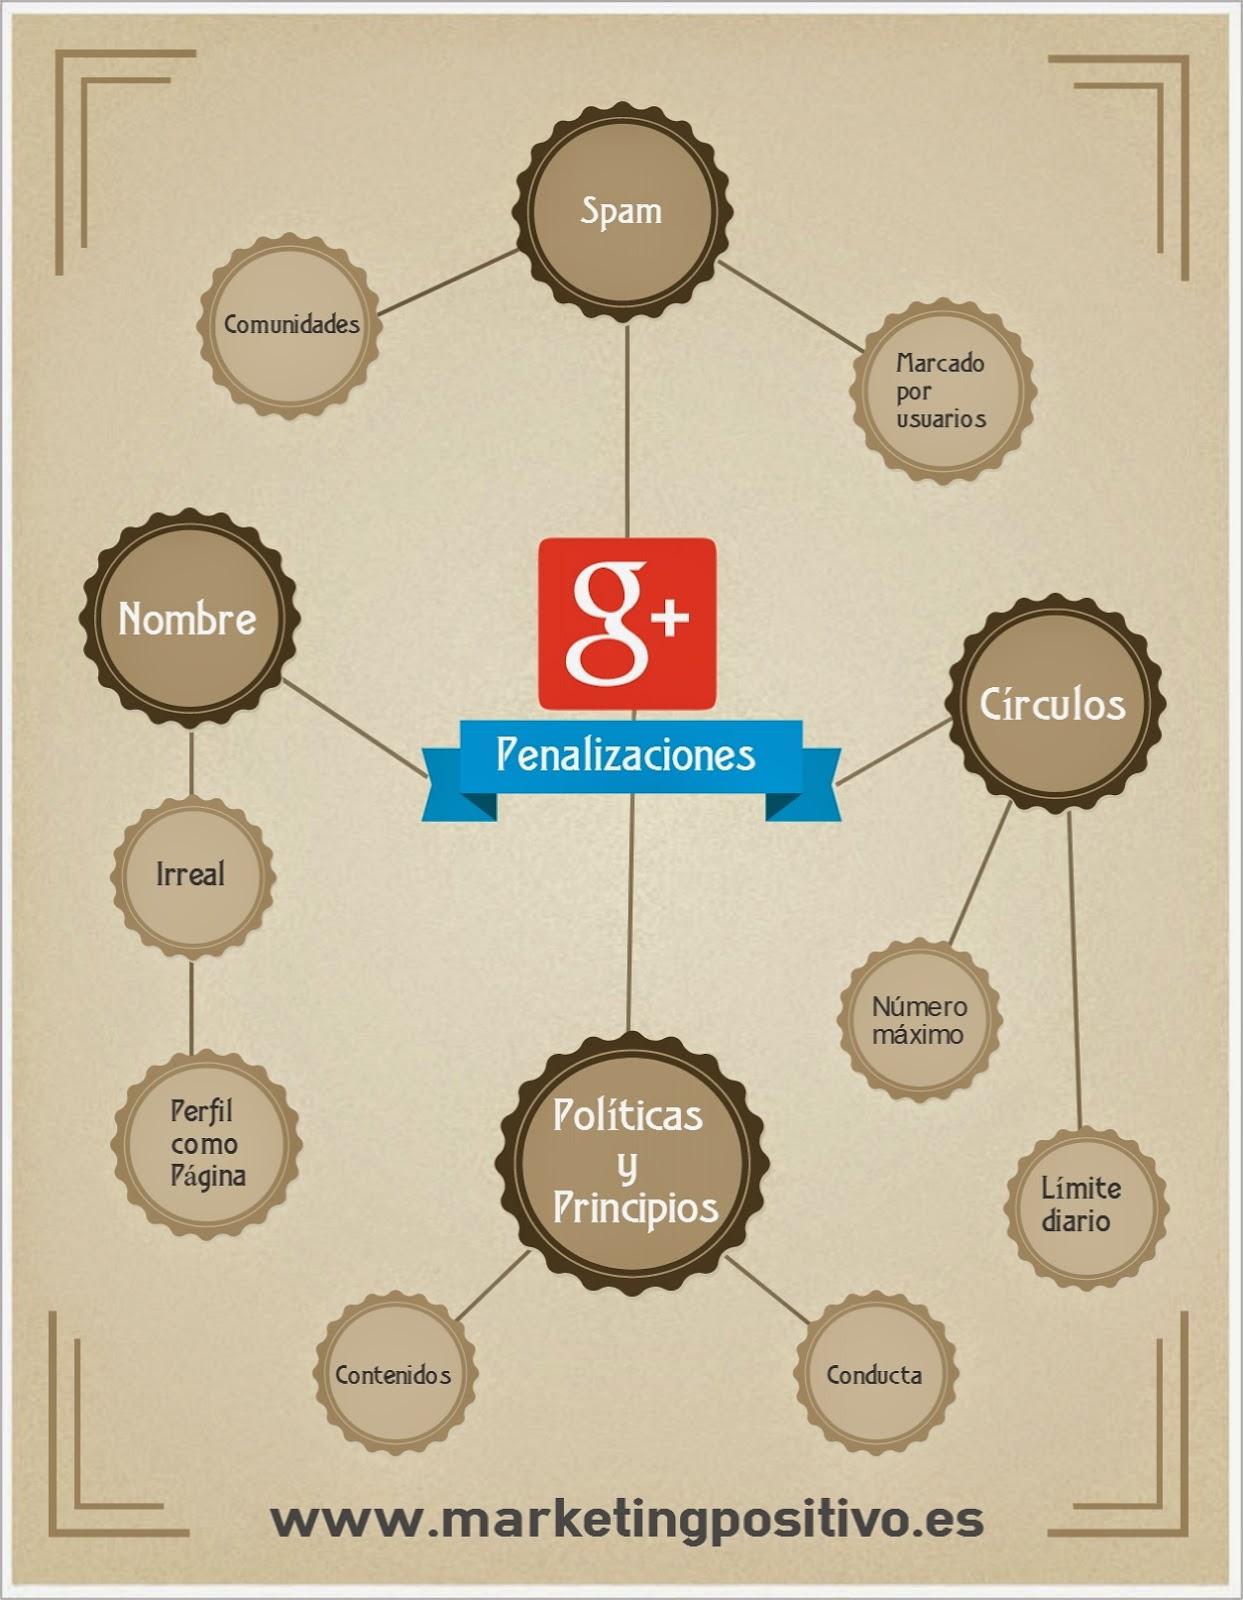 Penalizaciones Google Plus